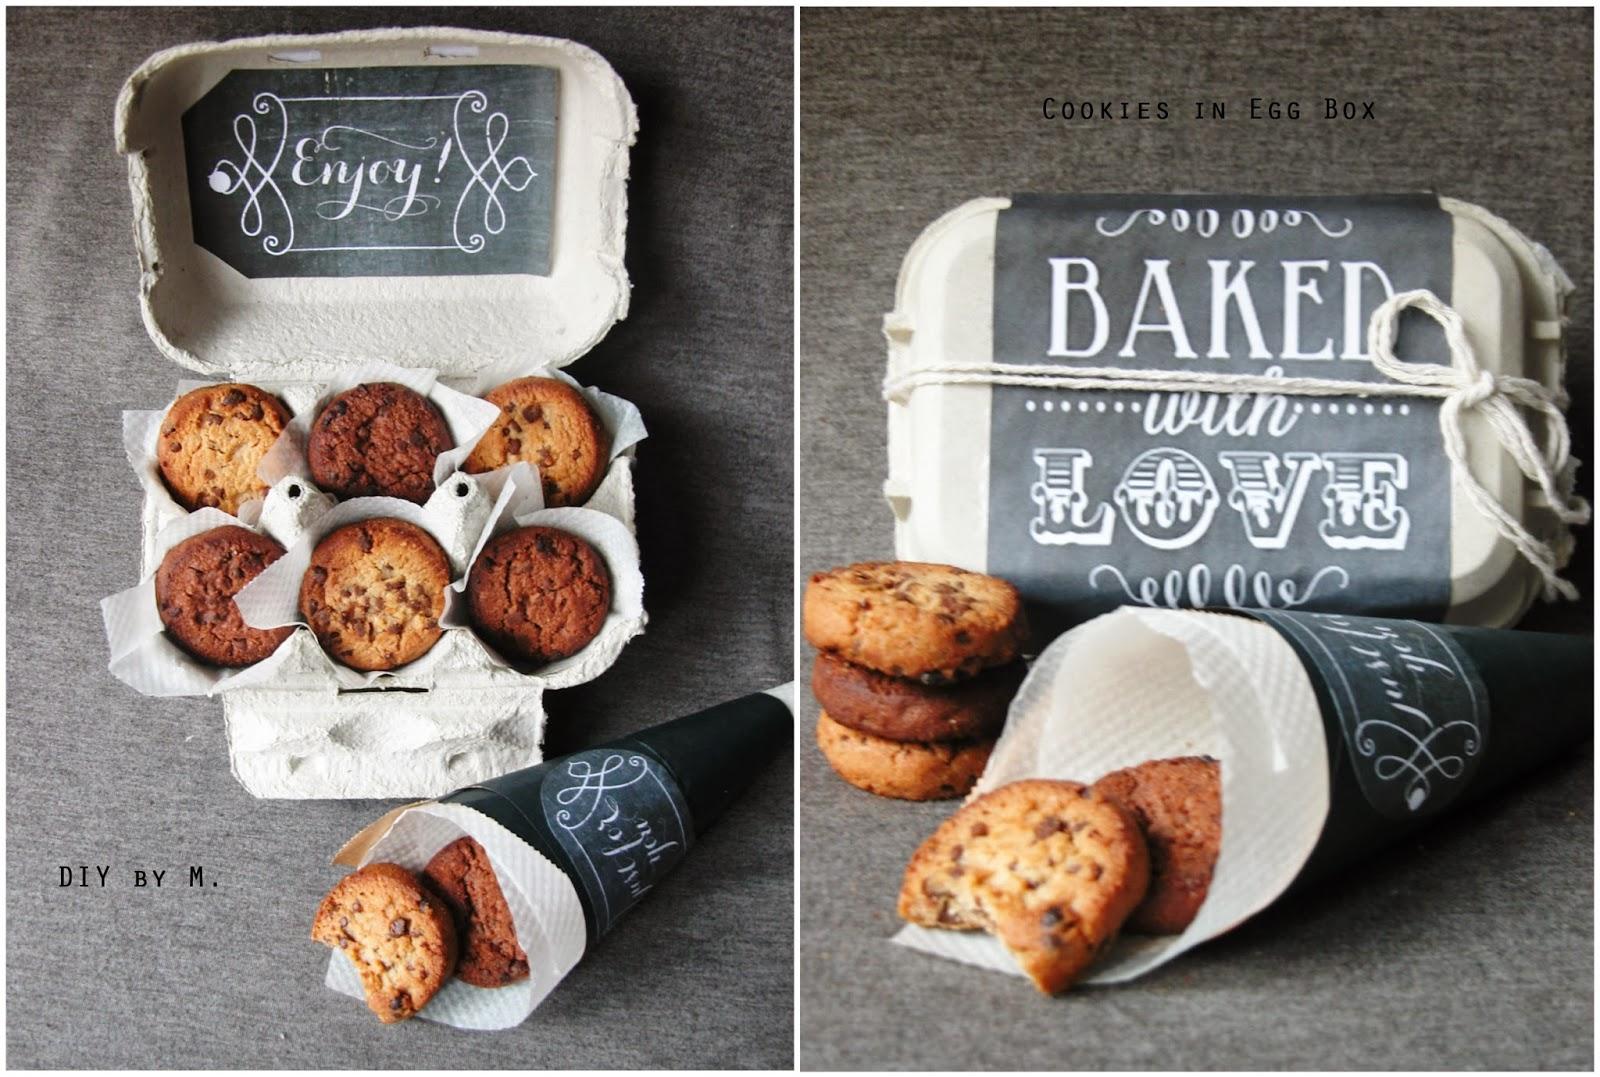 diy by m cookies offrir dans une jolie boite. Black Bedroom Furniture Sets. Home Design Ideas